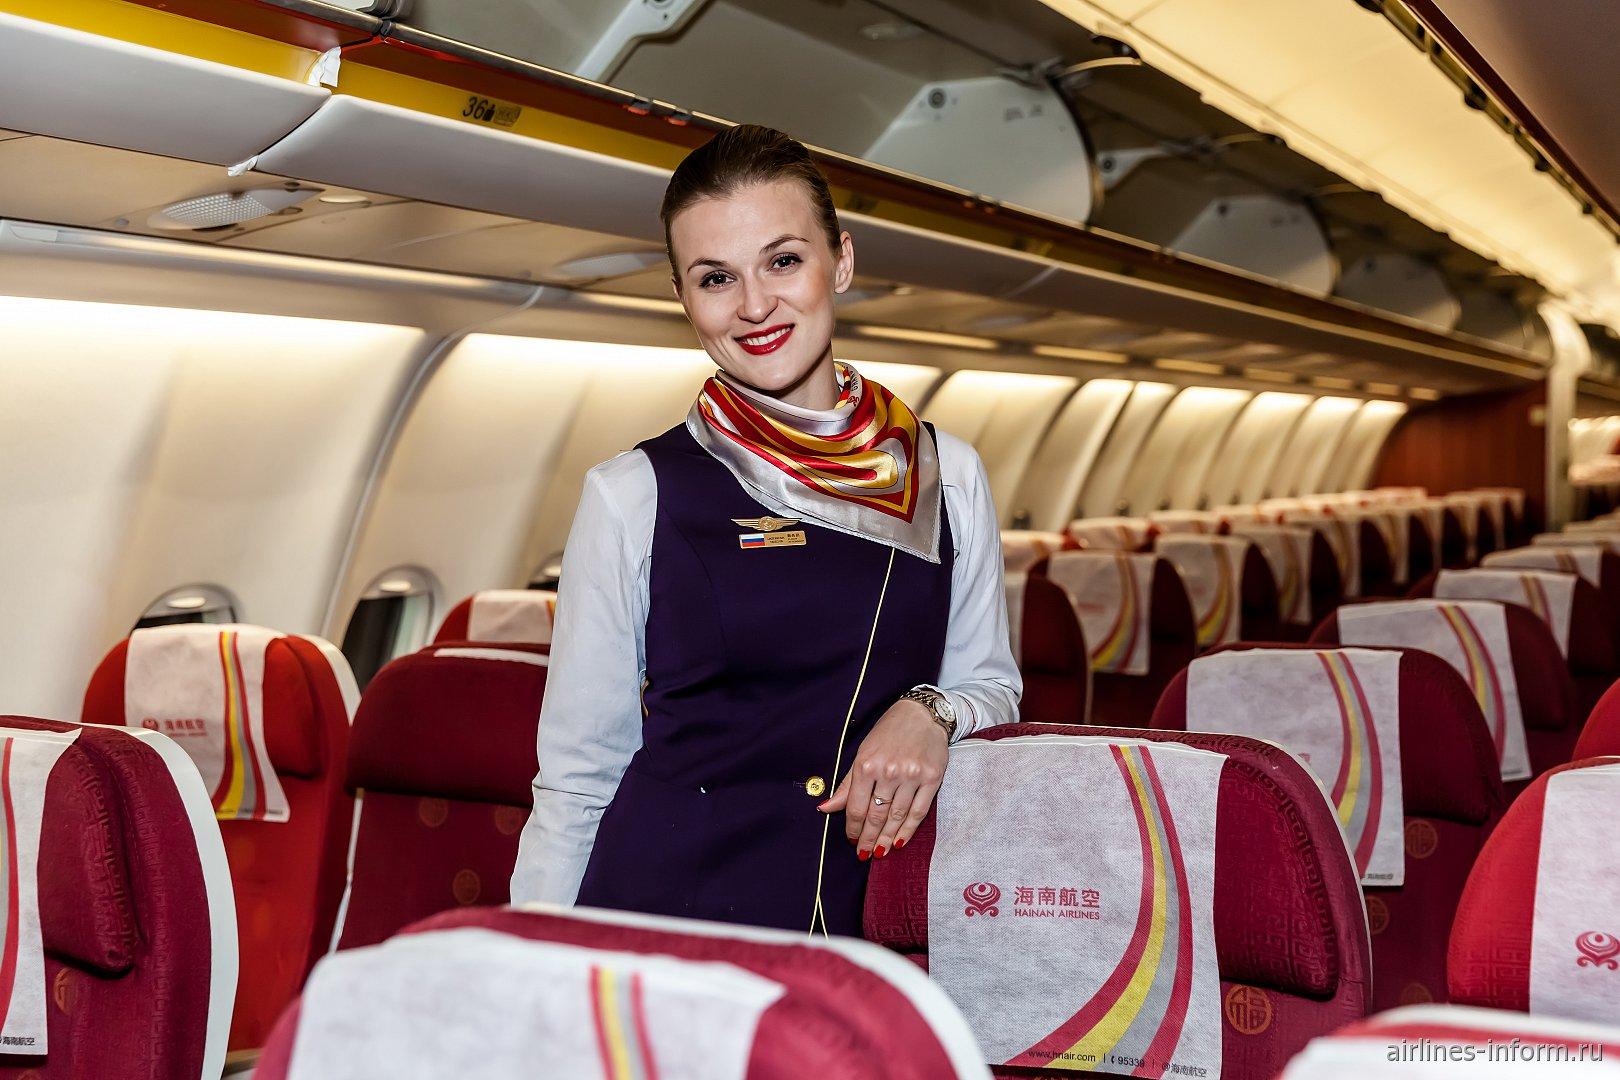 На каждом рейсе Hainan Airlines в Россию на борту присутствует русскоговорящая бортпроводница